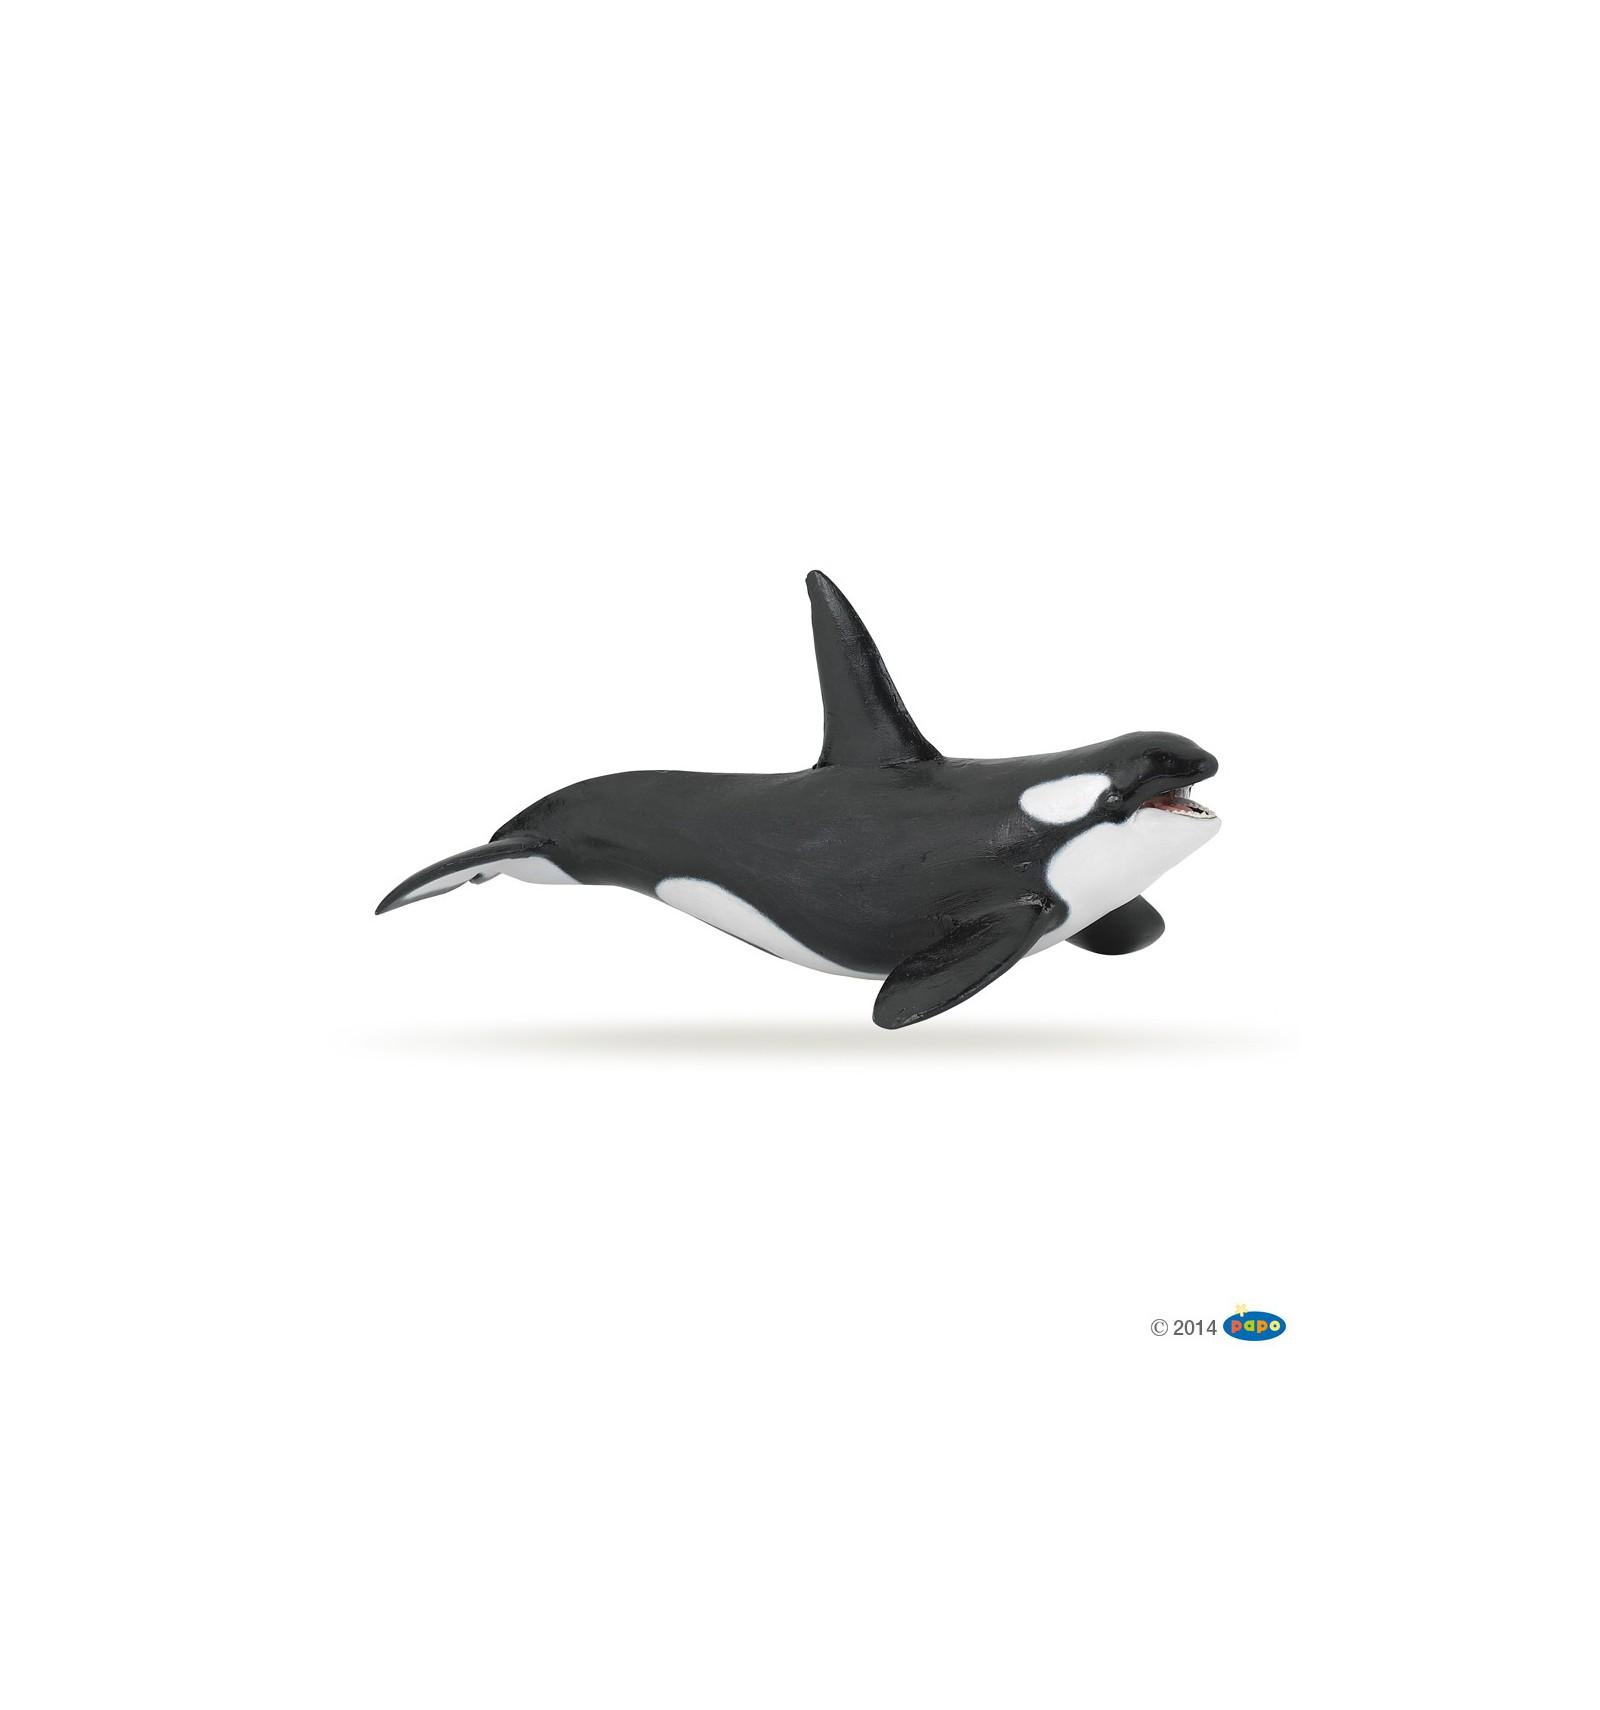 Image D Orque orque - papo